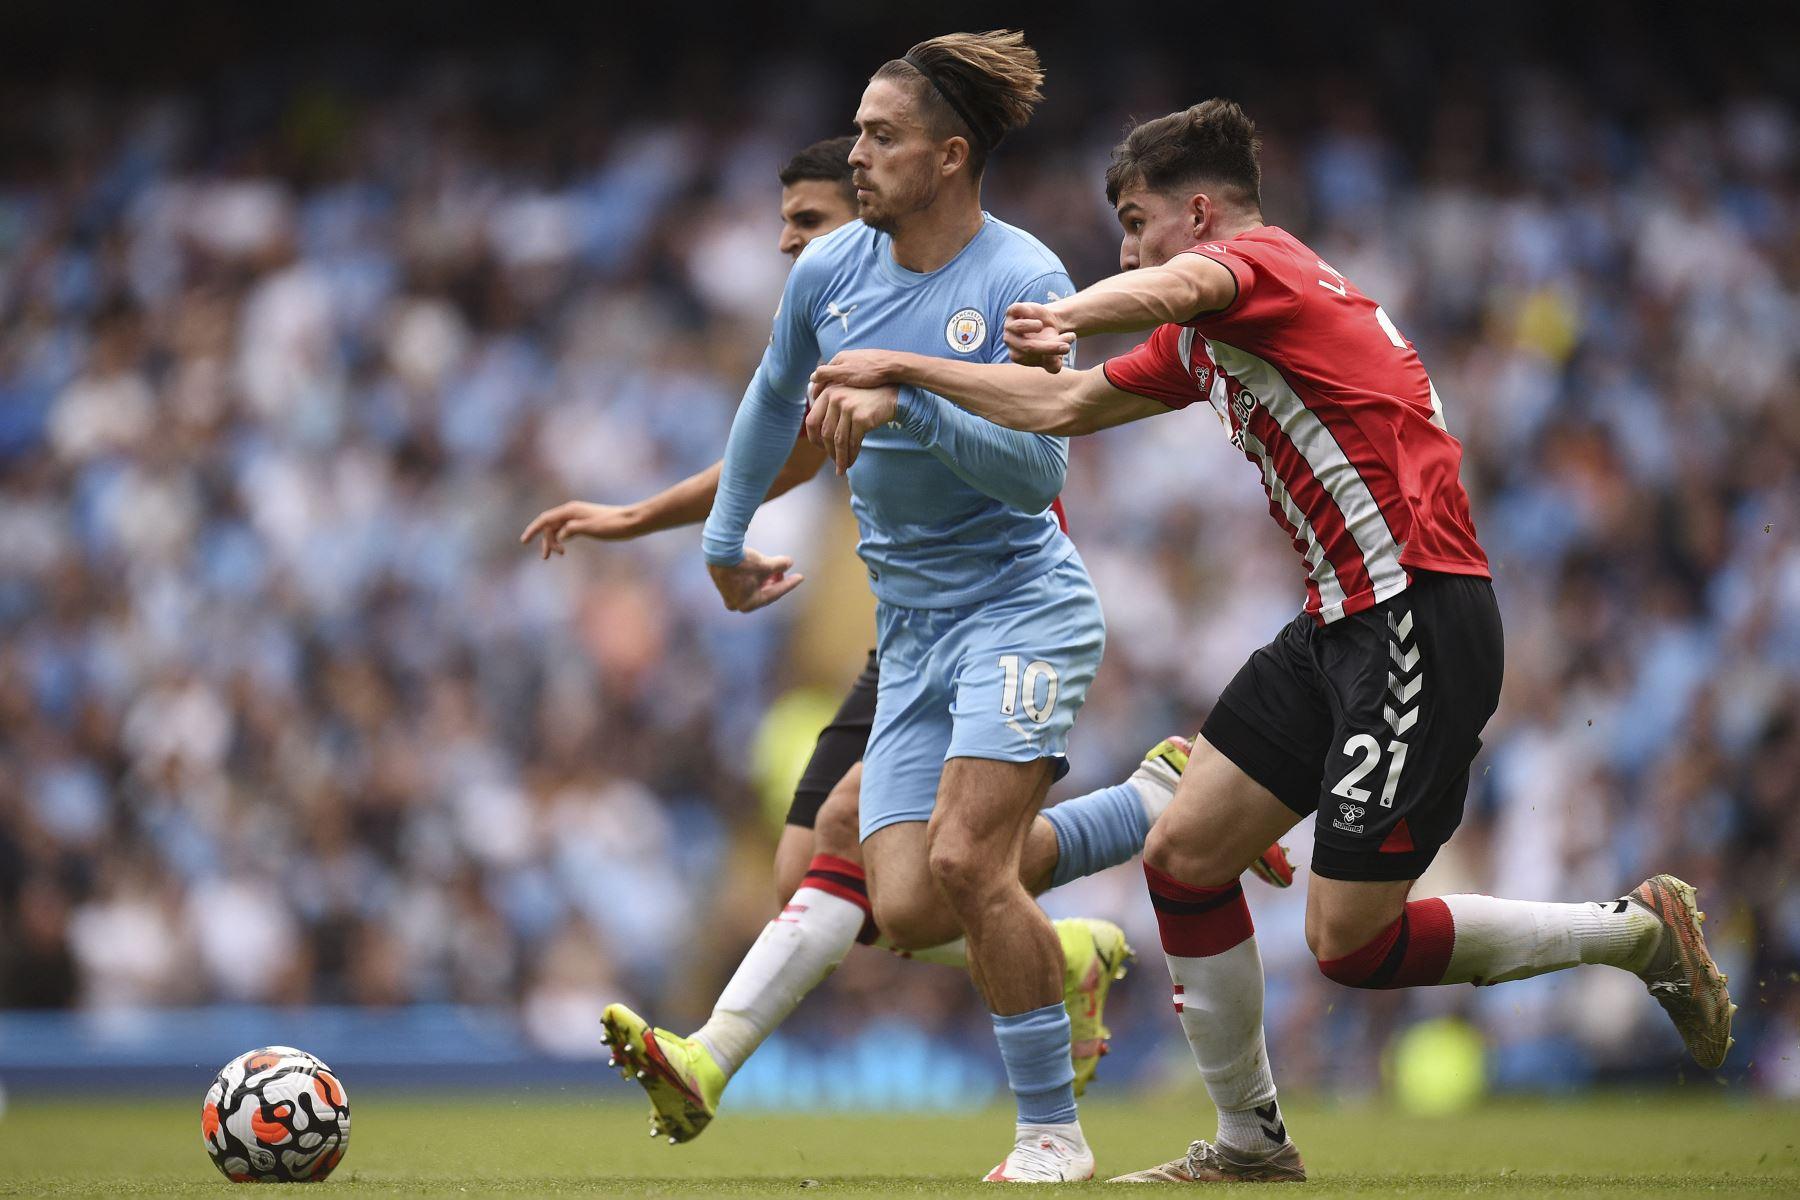 El centrocampista inglés del Manchester City Jack Grealish compite por el balón con el defensor inglés del Southampton Tino Livramento durante el partido de la Premier League. Foto: AFP